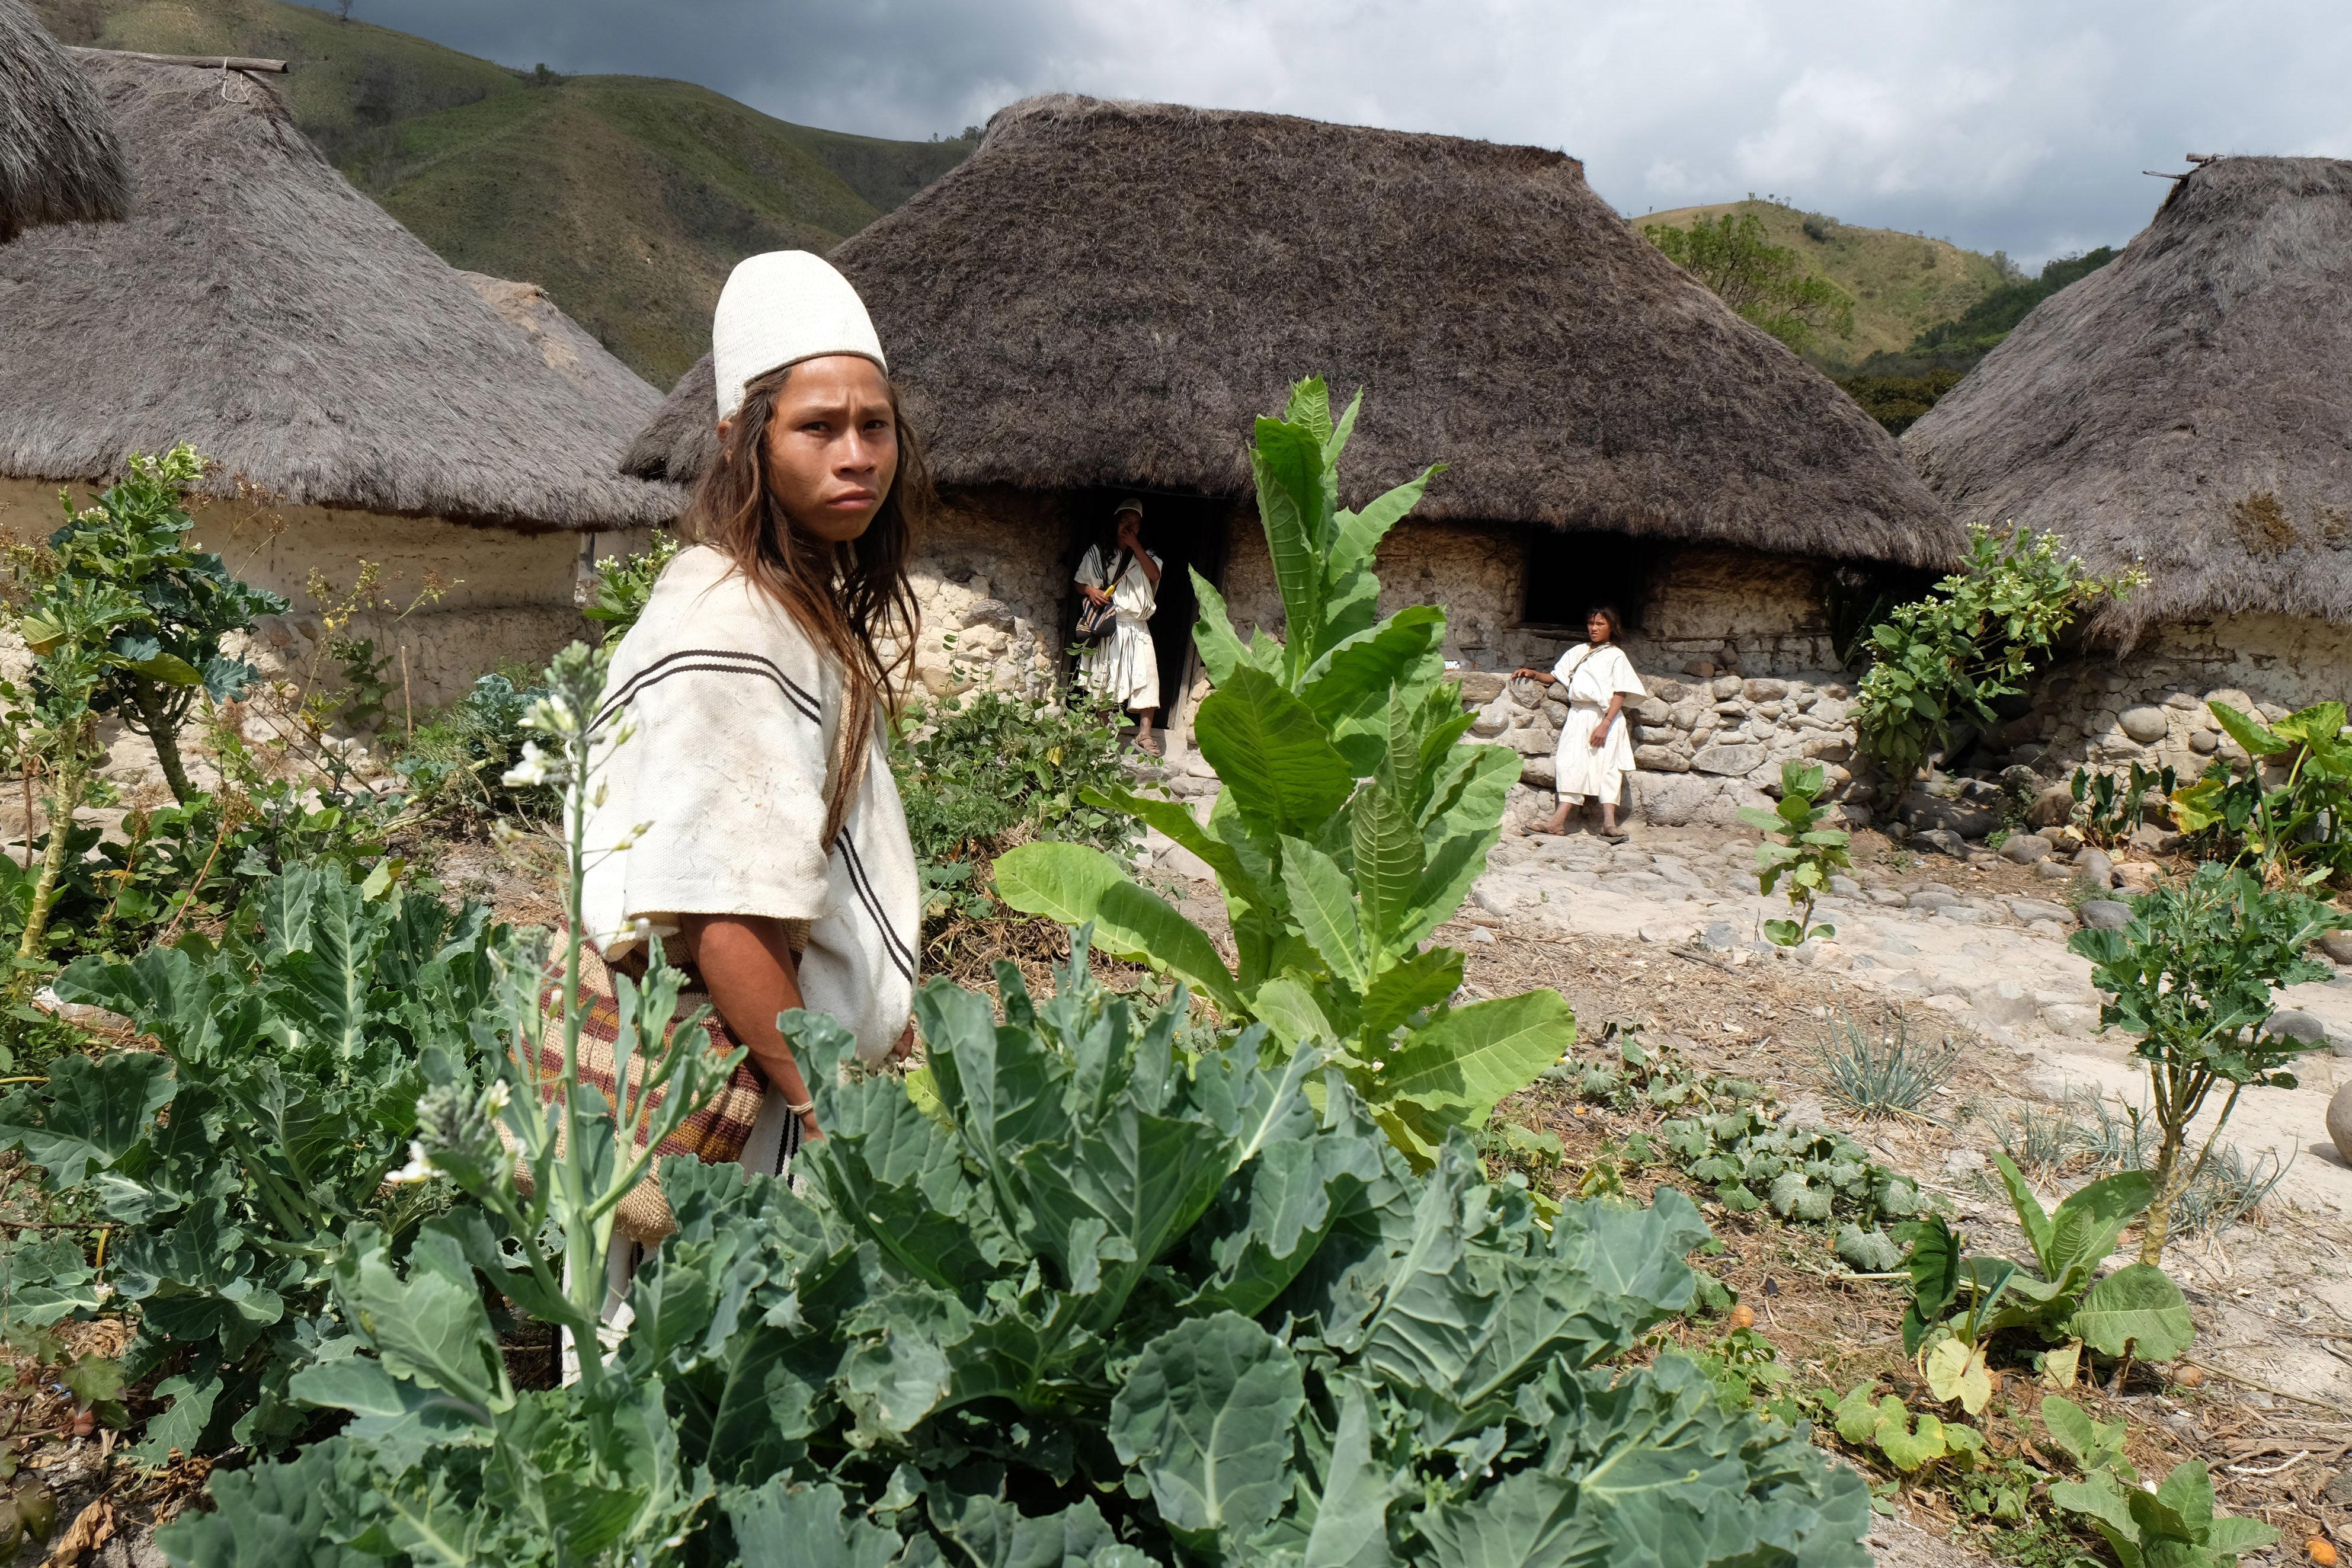 Οι αρχαίοι φύλακες της γης: Μπορεί αυτή η απομονωμένη φυλή ιθαγενών να σώσει τον